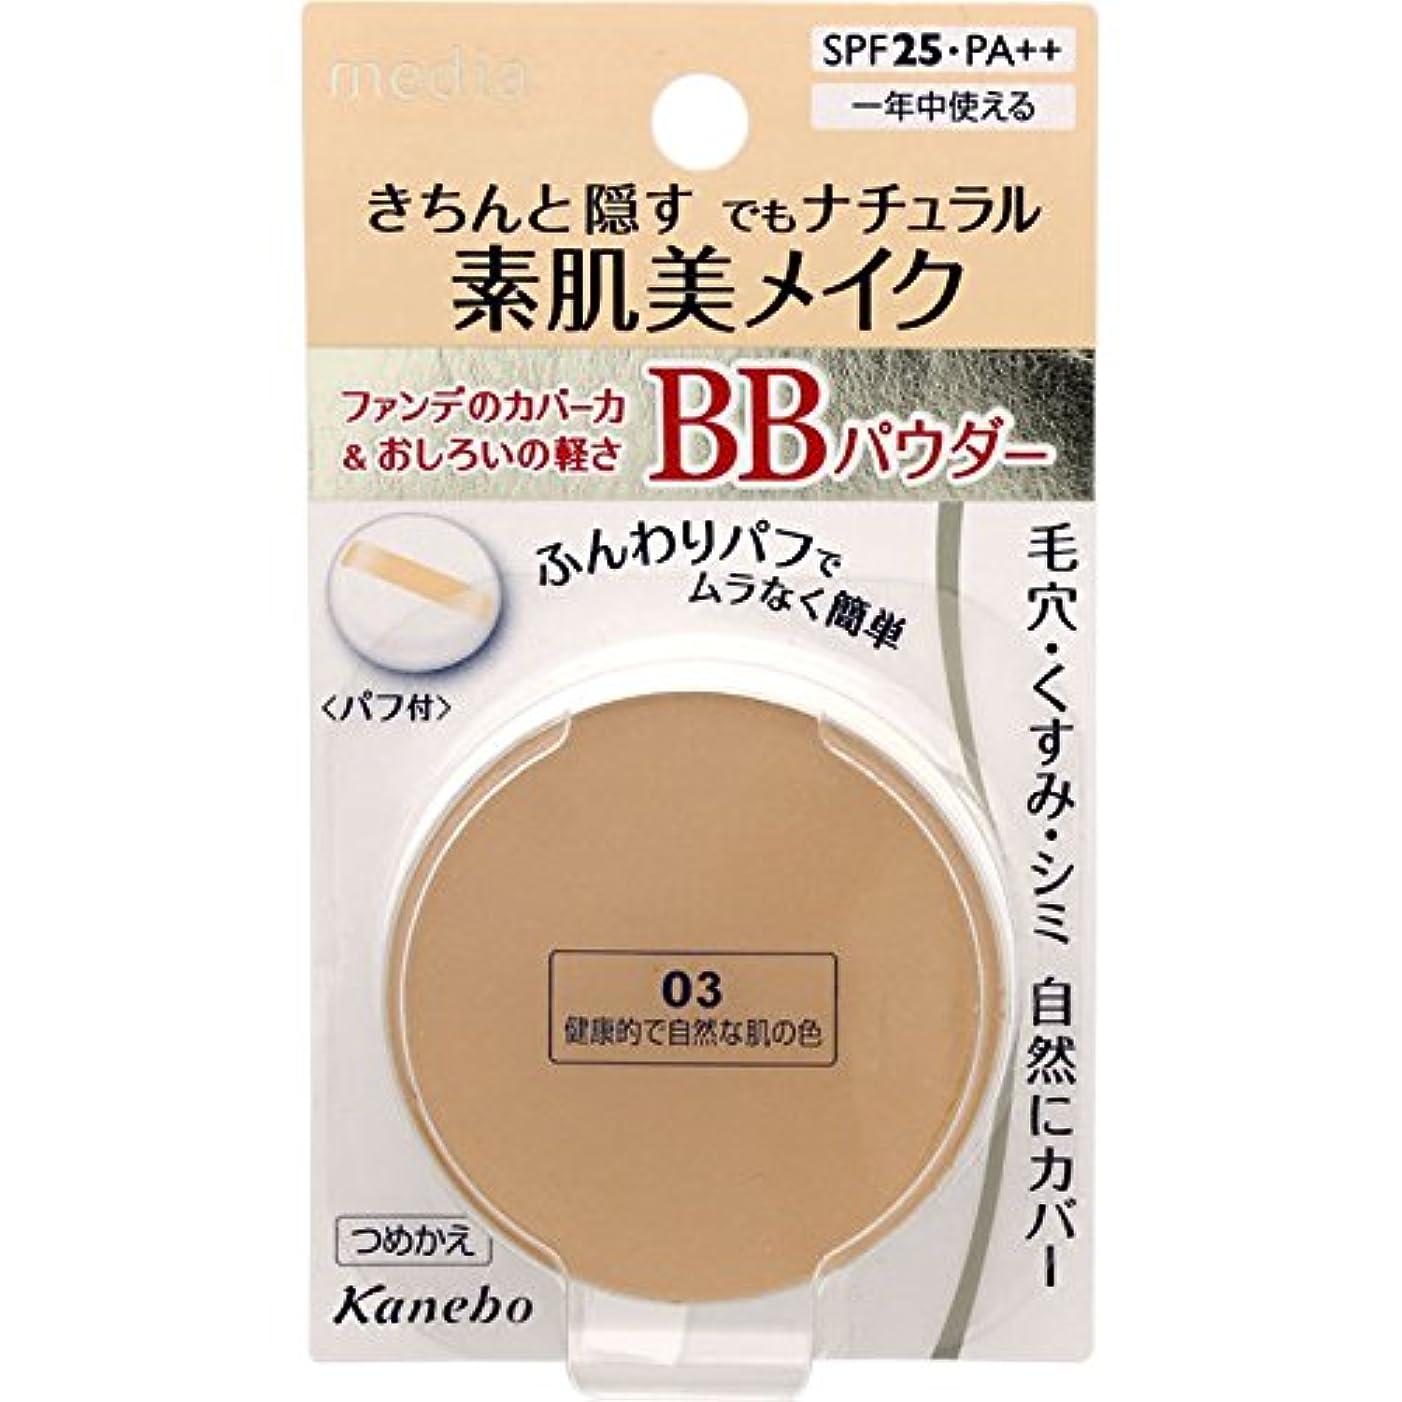 微生物部分振動するメディアBBパウダー03(健康的で自然な肌の色)×5